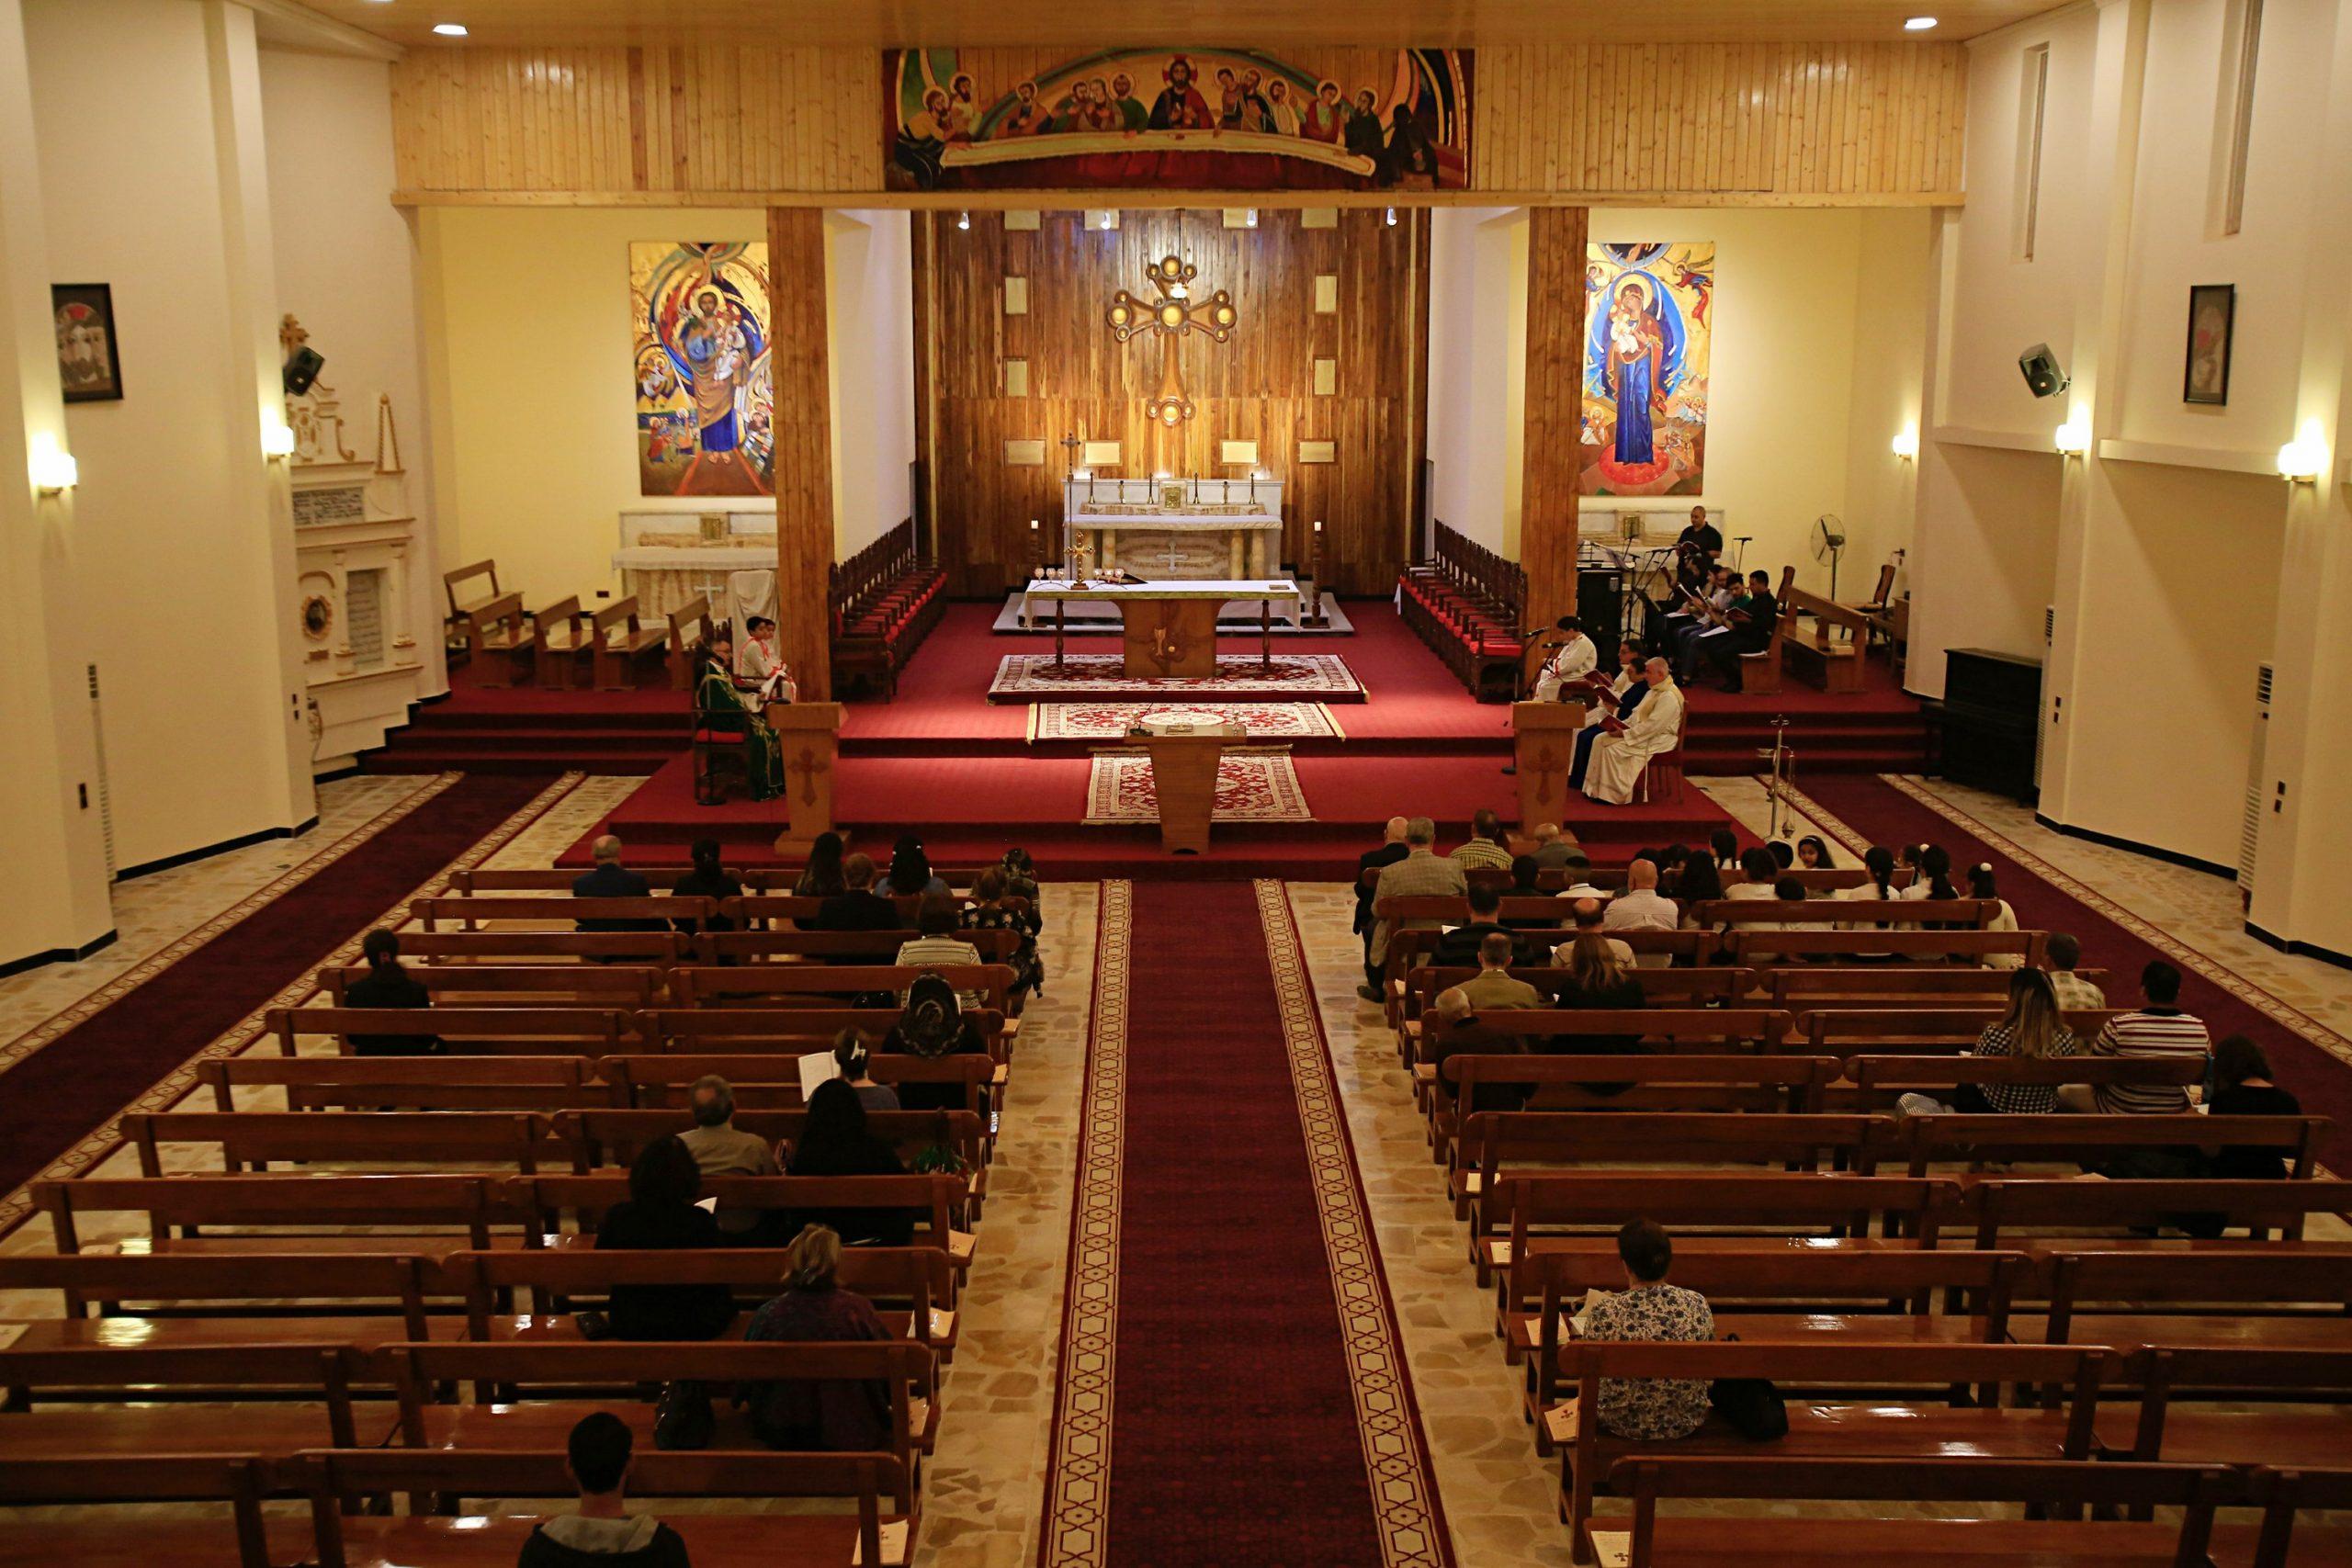 Visite du Pape en Irak: célébration d'une liturgie chaldéenne à la cathédrale Saint-Joseph